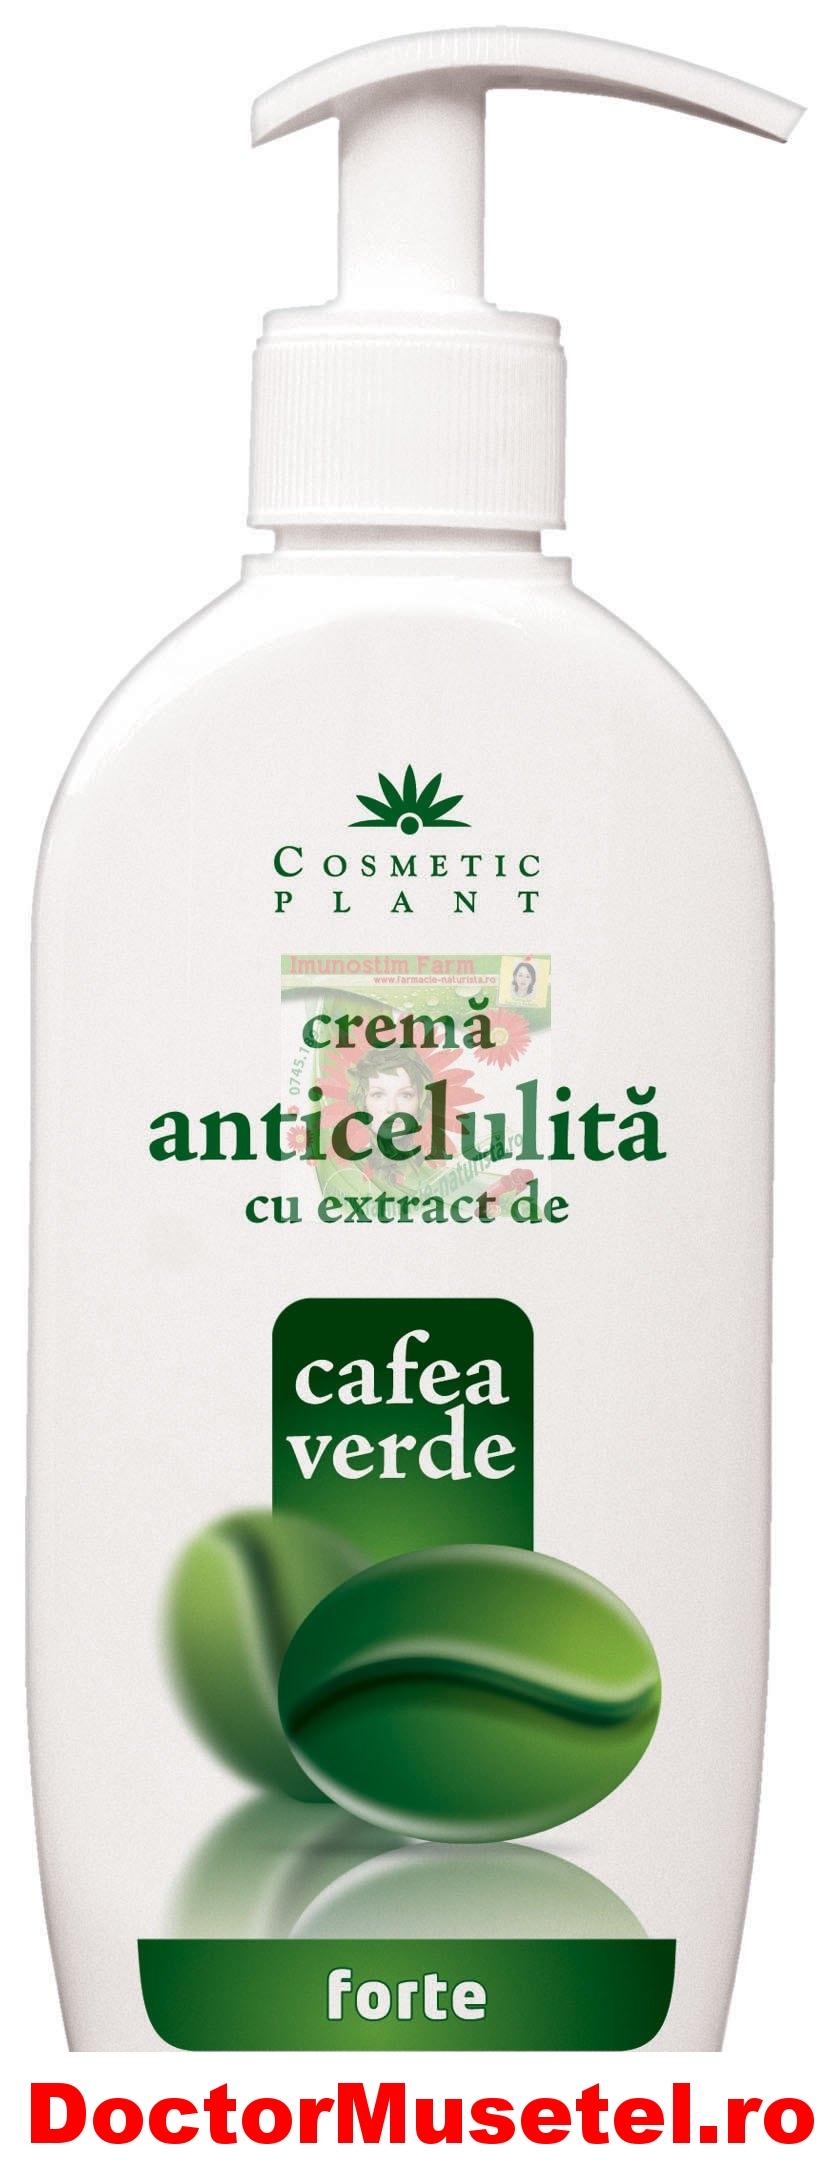 Crema-anticelulita-cu-extract-de-cafea-verde---FORTE-250ml-COSMETIC-PLANT-www-farmacie-naturista-ro.jpg